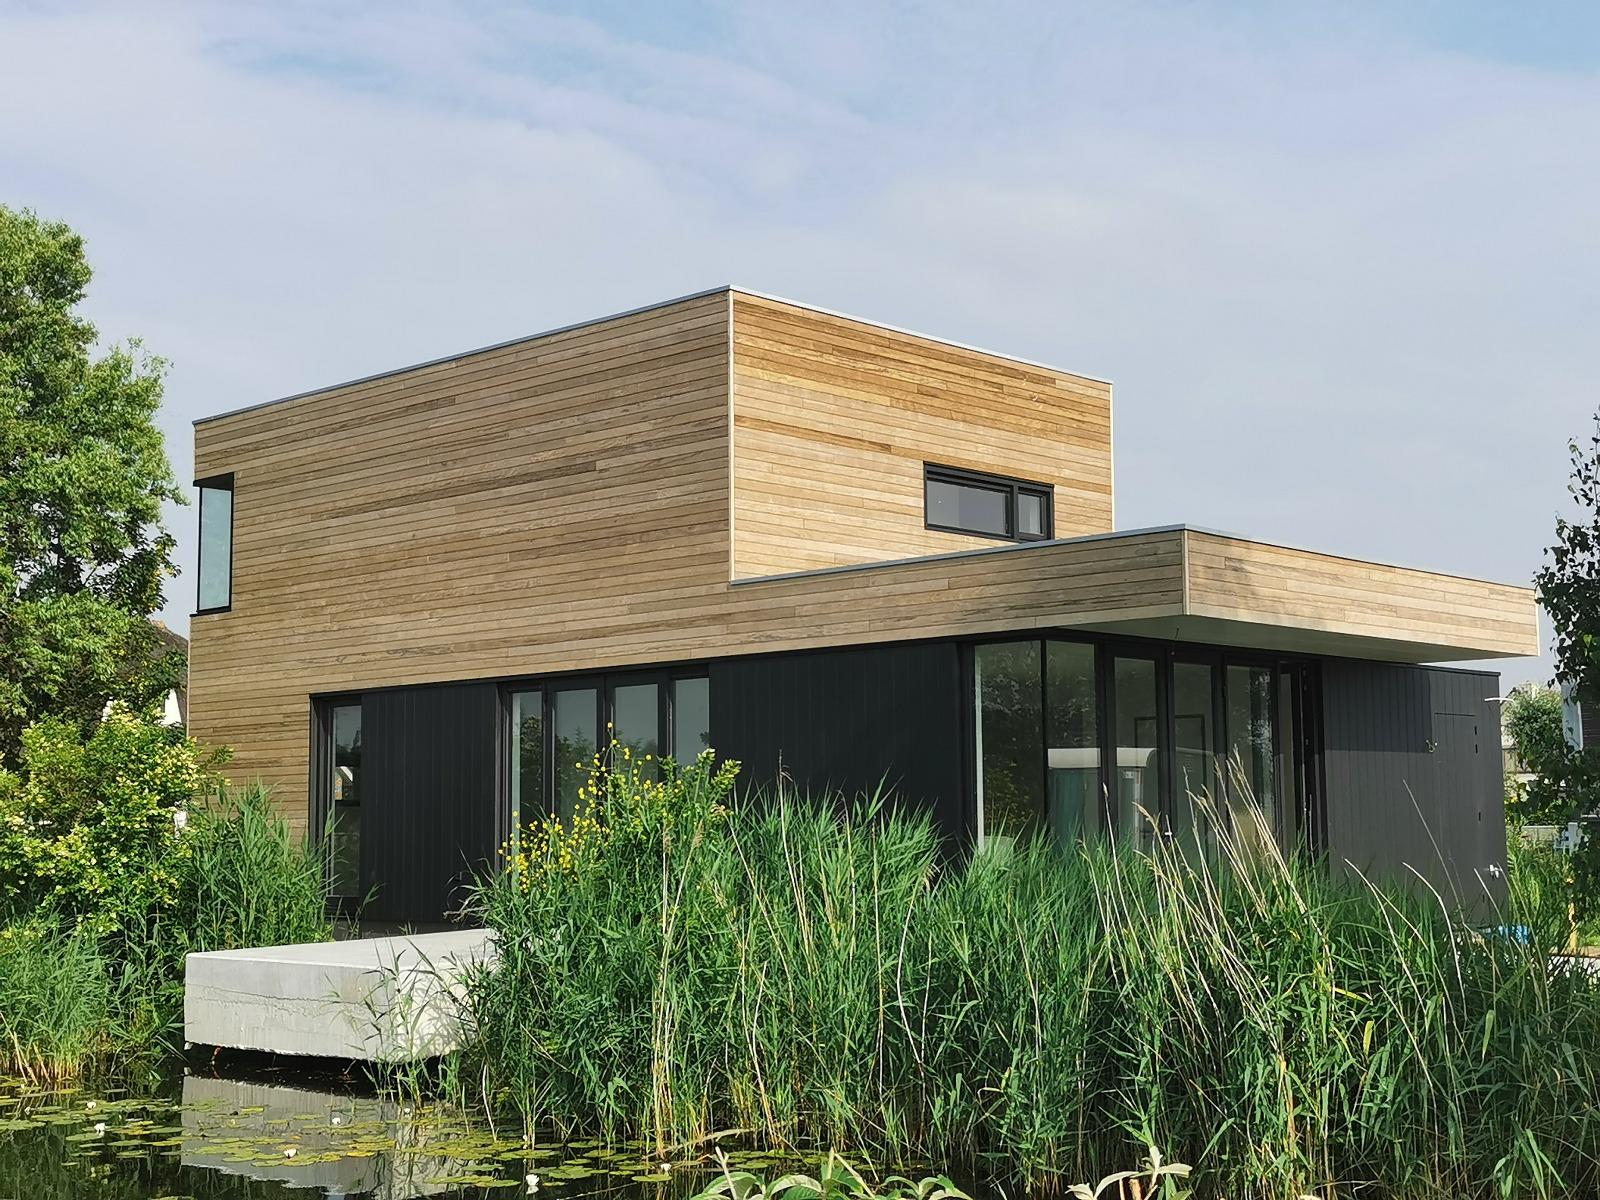 Ons bouwproject in Roelofarendsveen